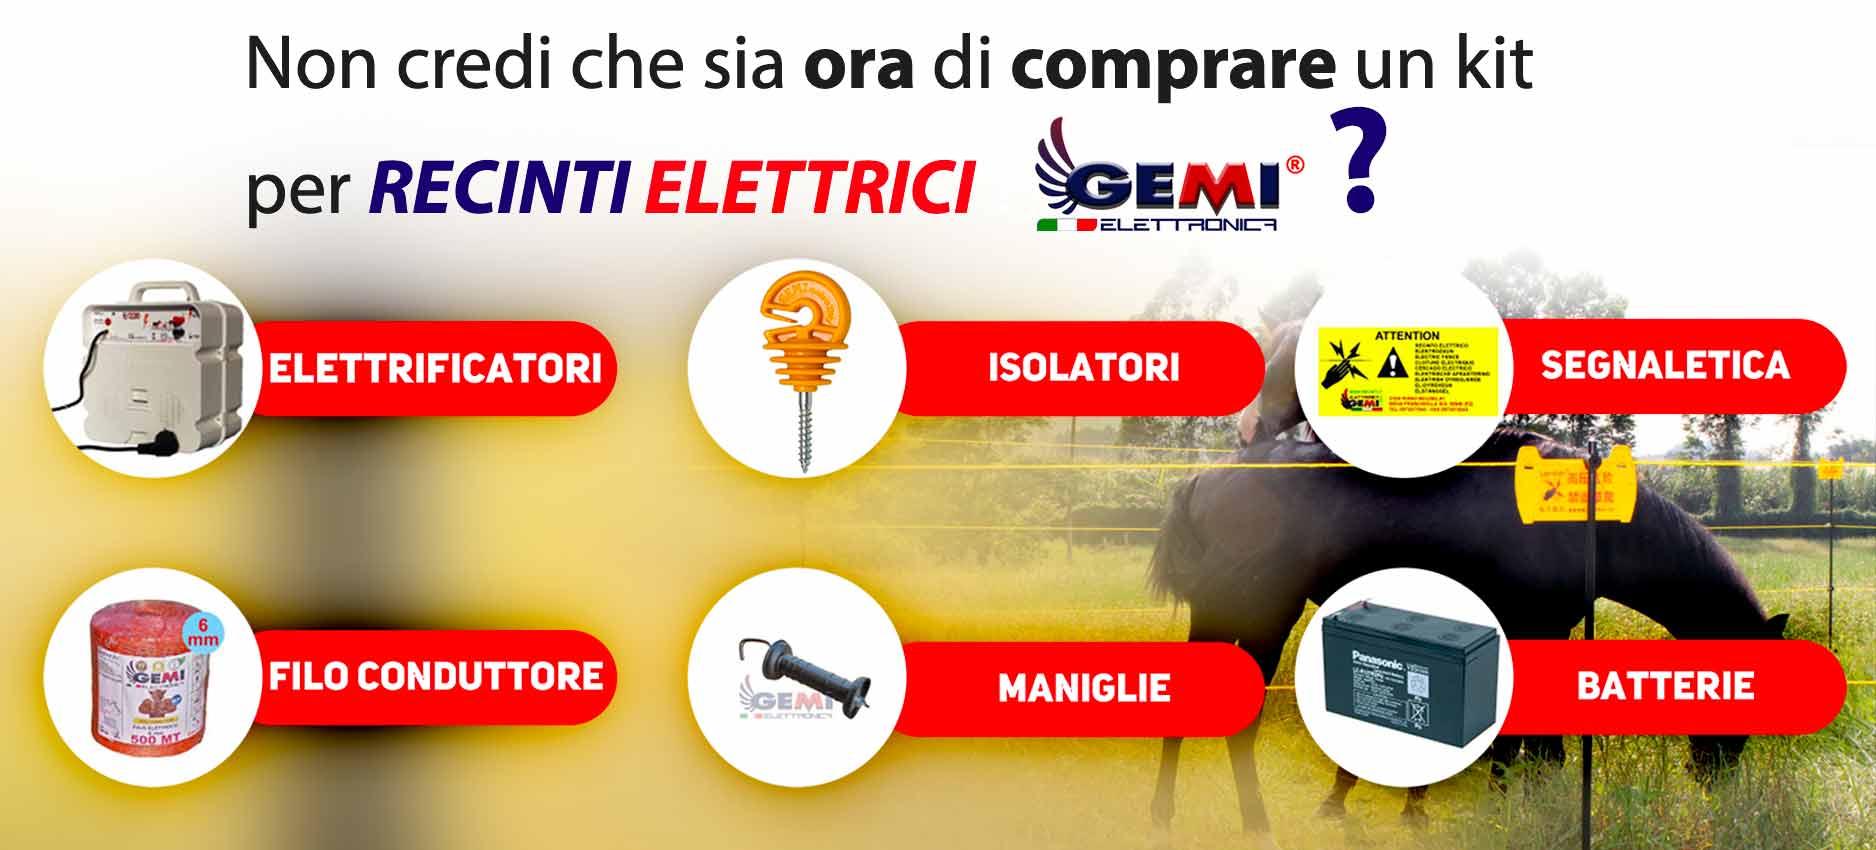 Recinto Elettrico Per Cani.Recinti Elettrici Azienda Leader Nel Settore Dal 1983 Per